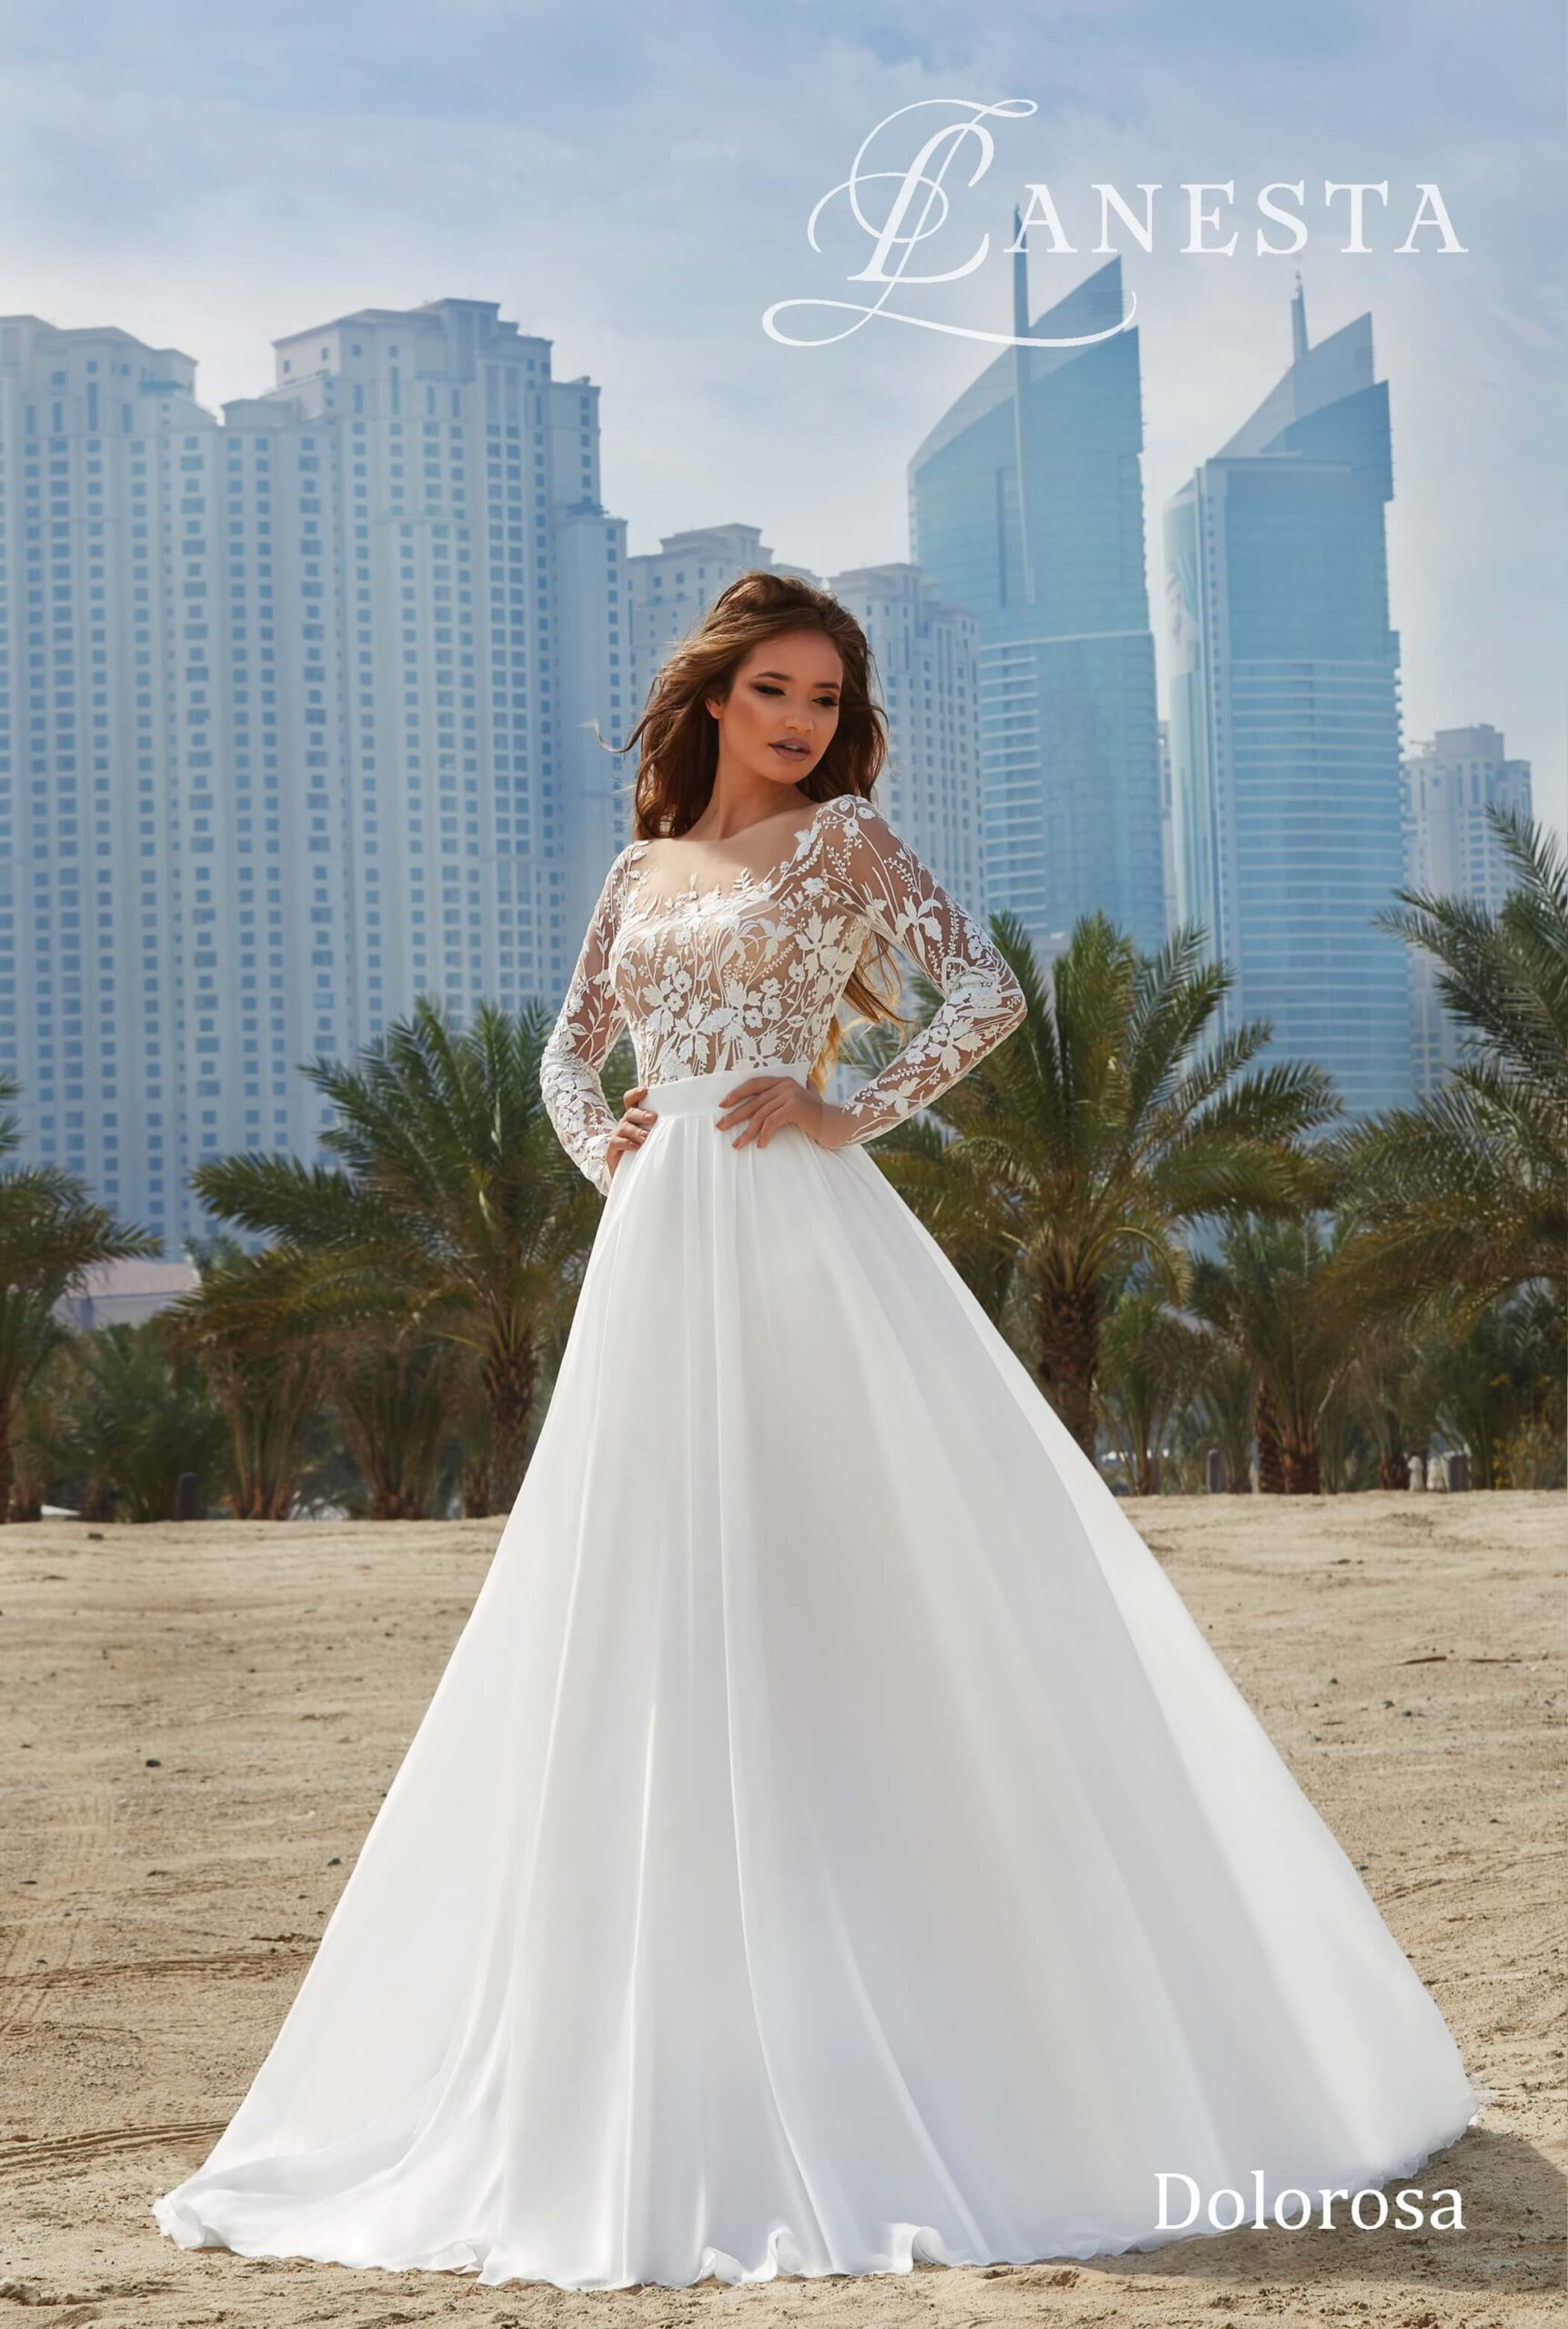 Весільна сукня Dolorosa Lanesta